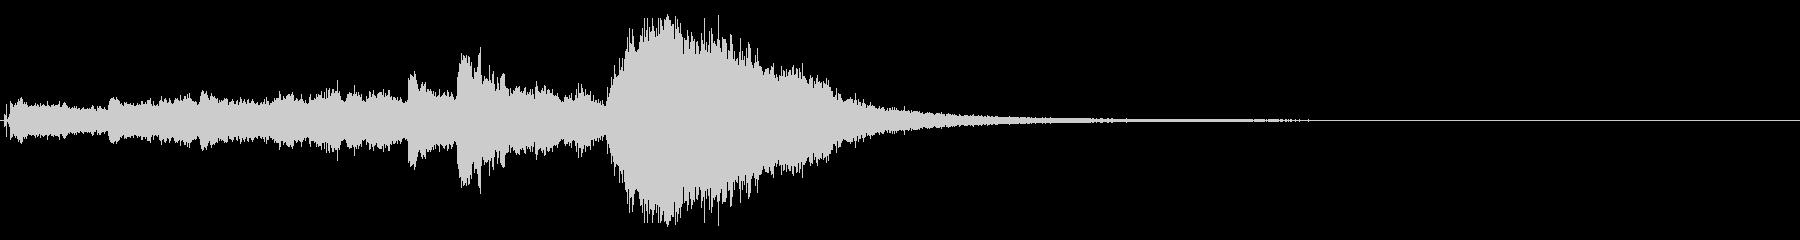 クリスマスベル&ボイスのサウンドロゴ!3の未再生の波形